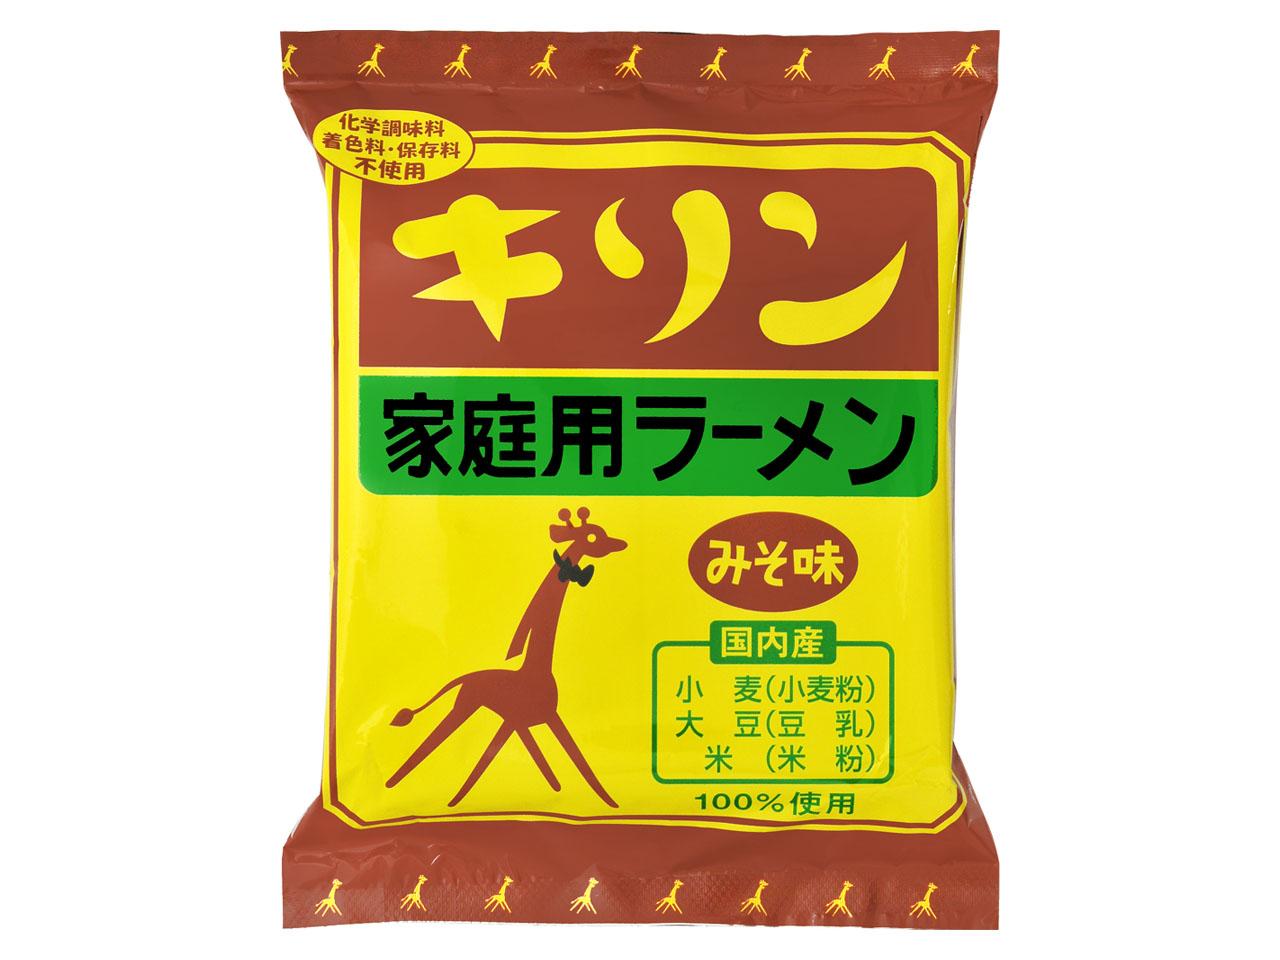 キリンラーメンみそ味